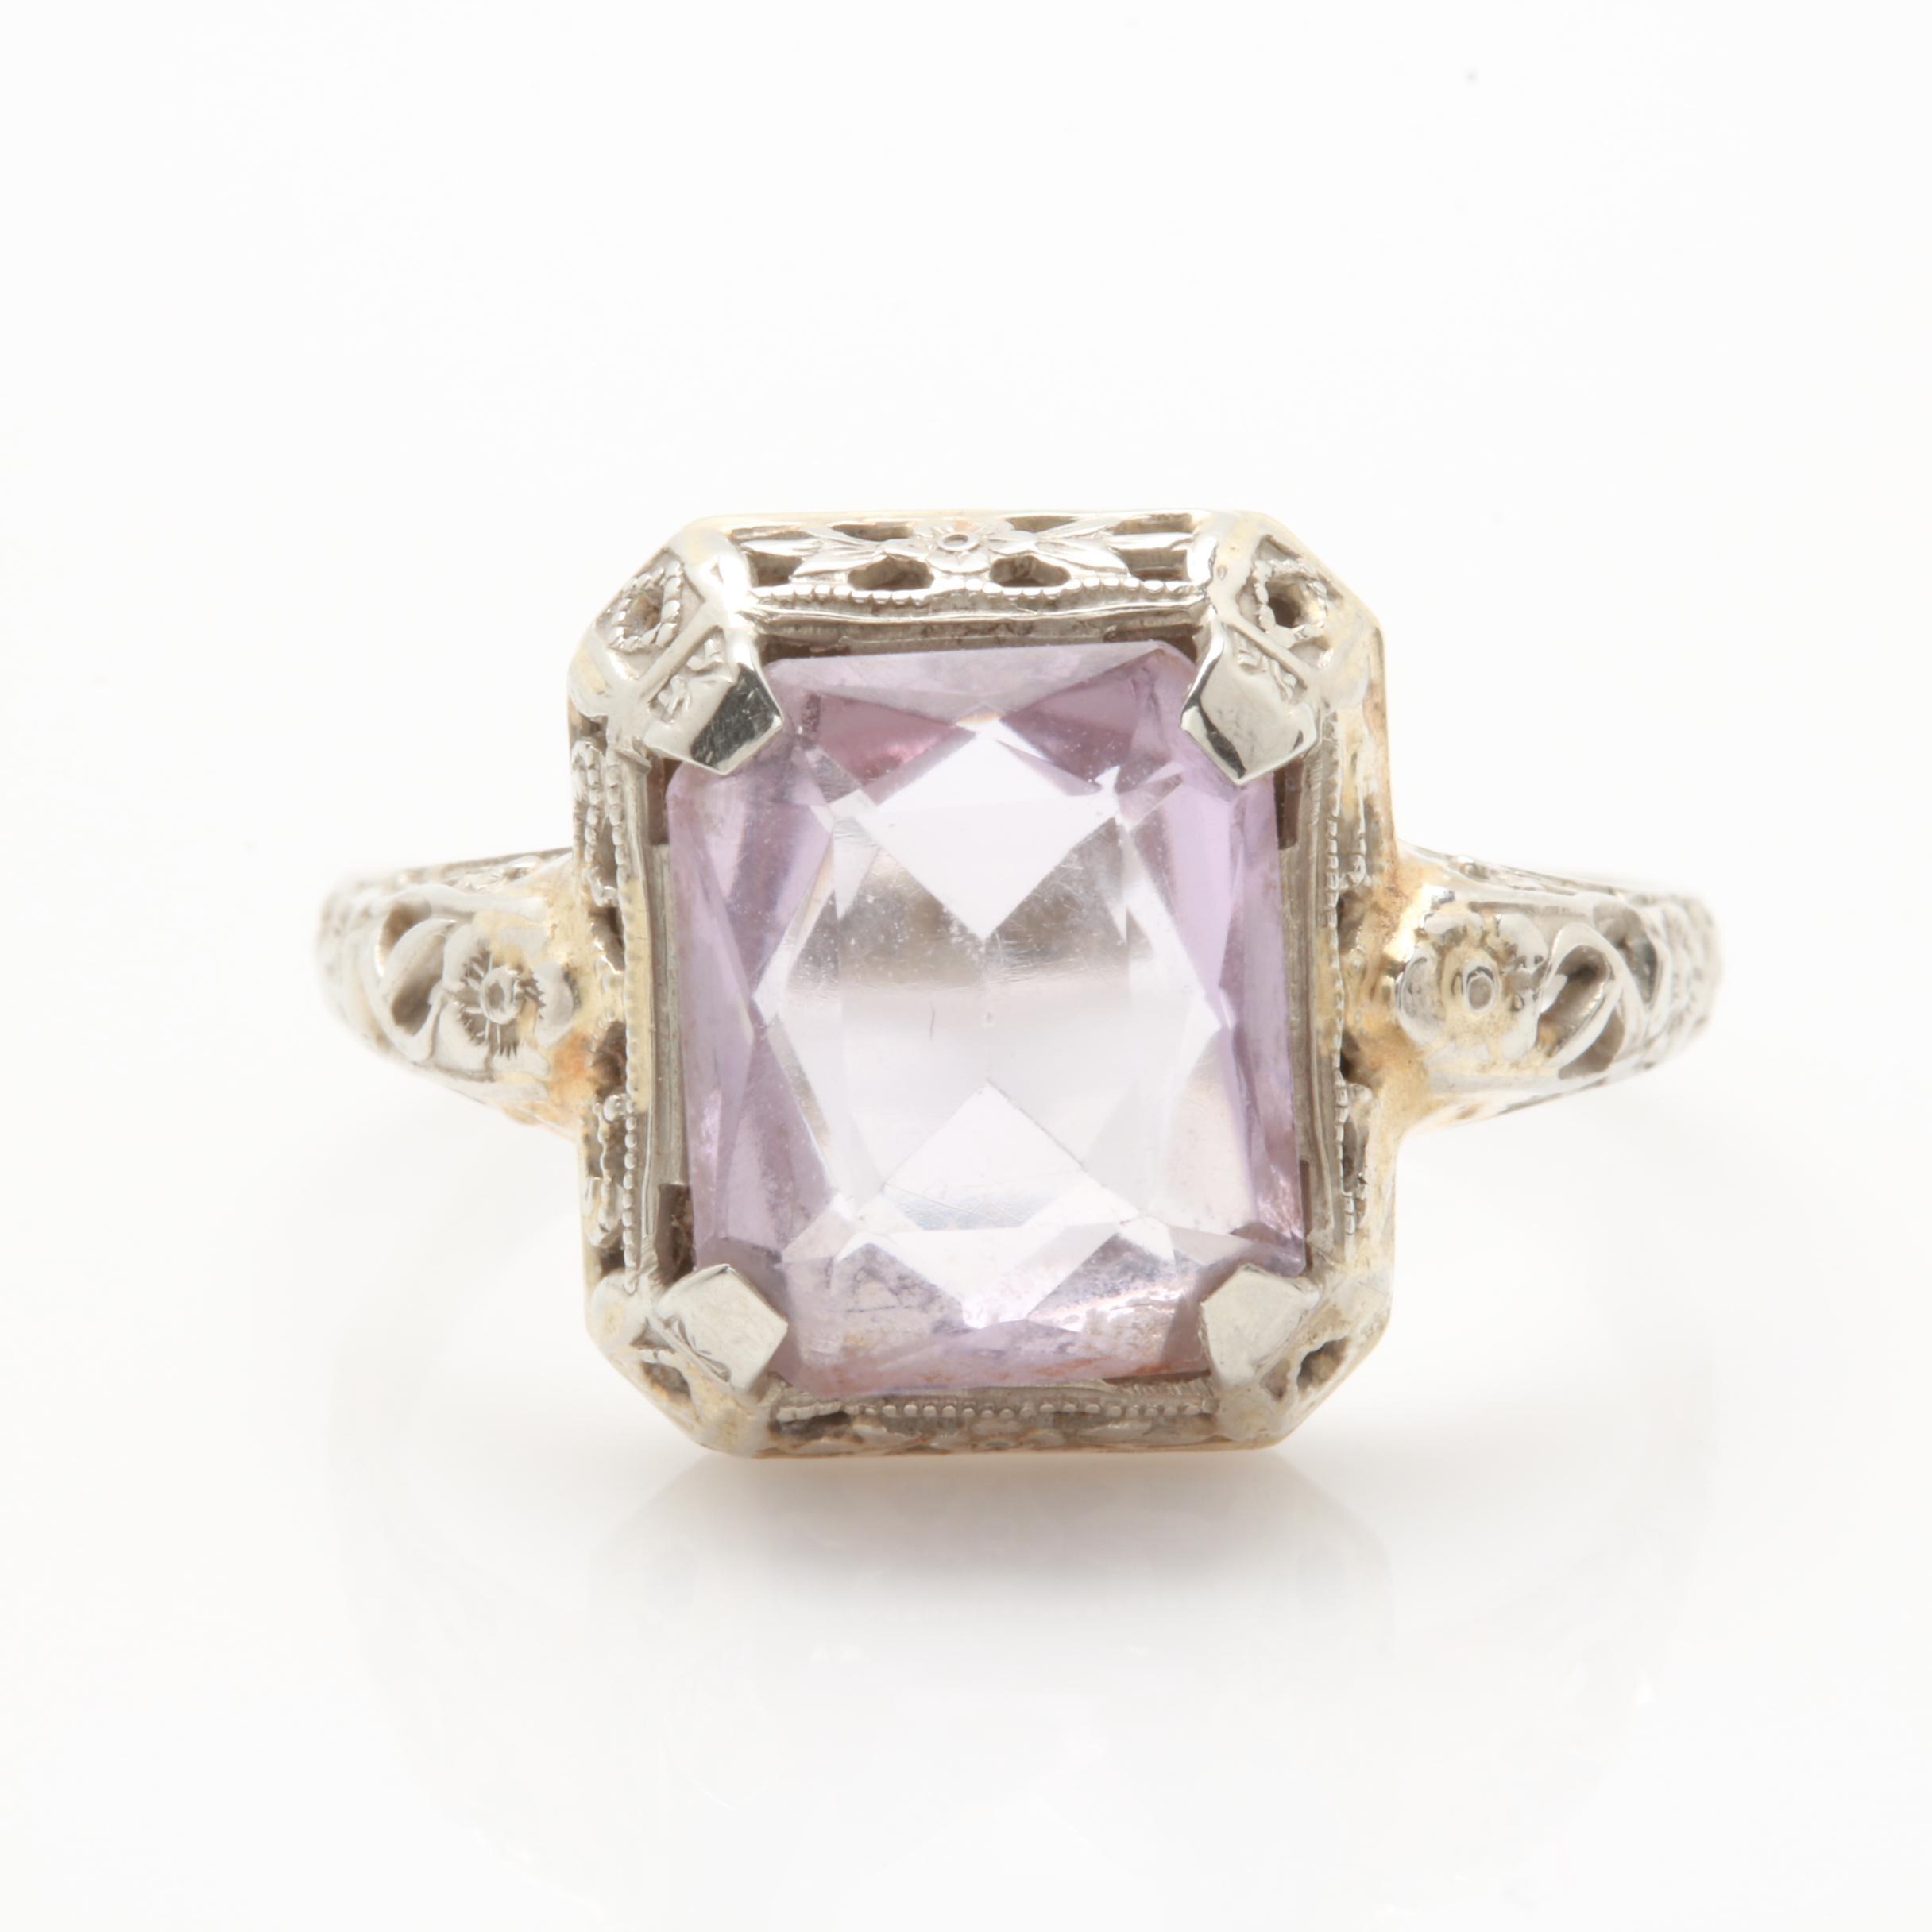 10K White Gold Glass Ring